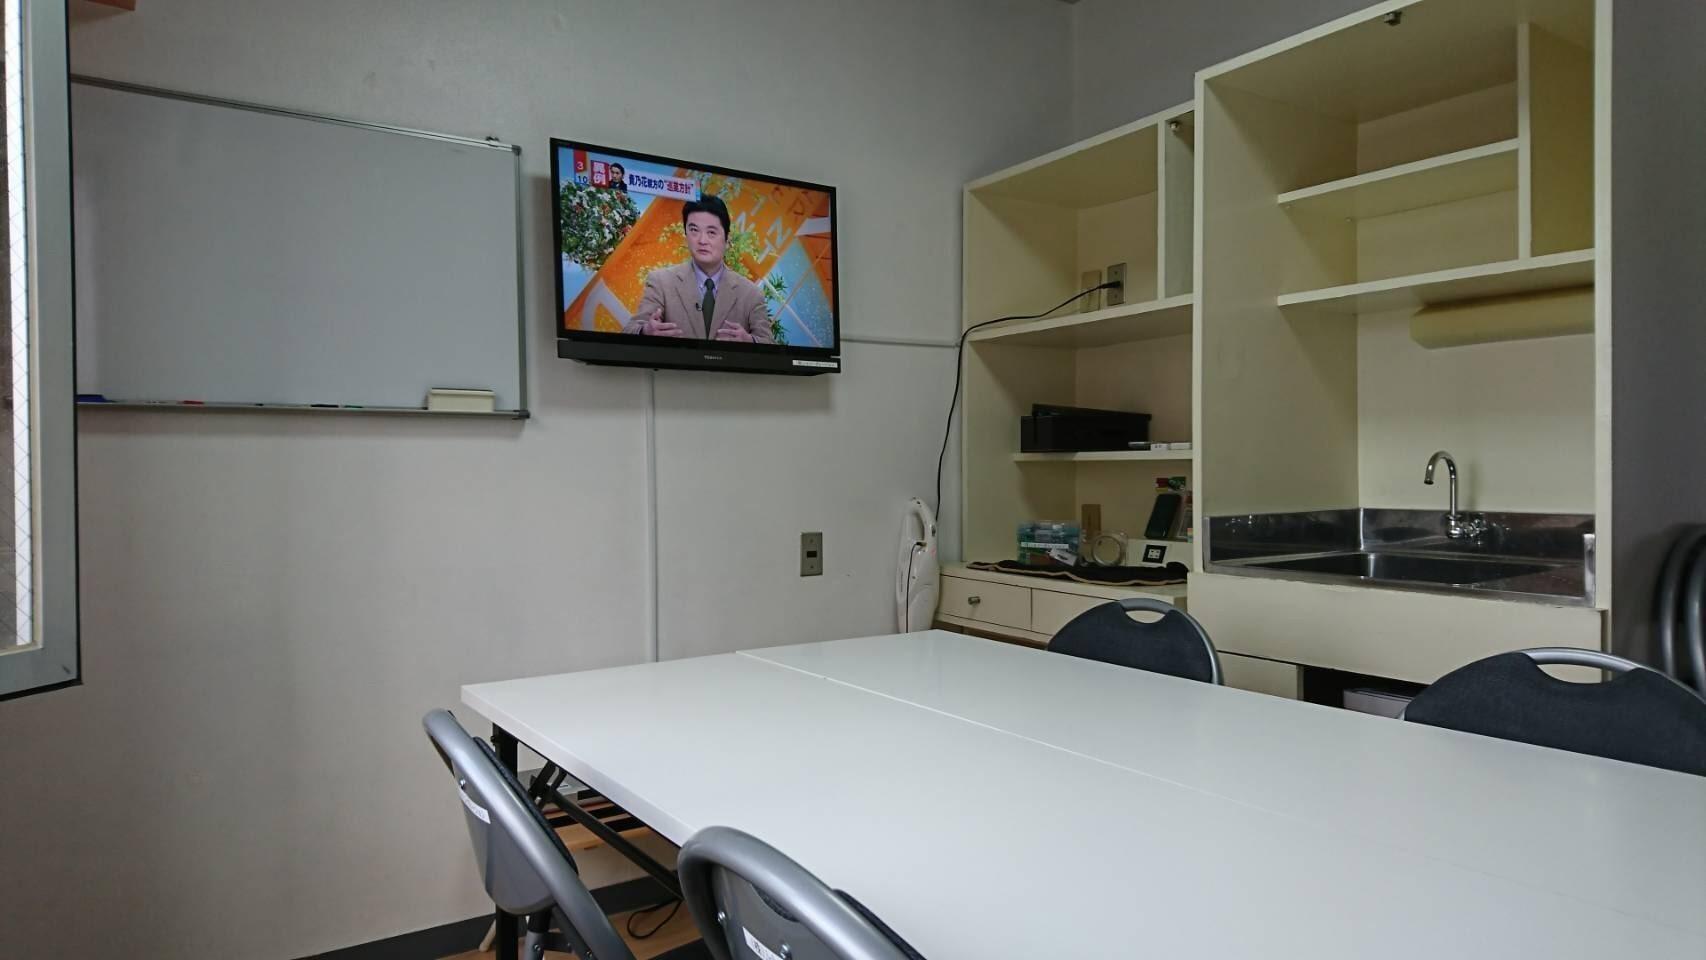 【オープニングセール継続中】キャナルシティ直ぐヨコ!便利な会議室 609(【オープニングセール中】T-FLATルーム) の写真0